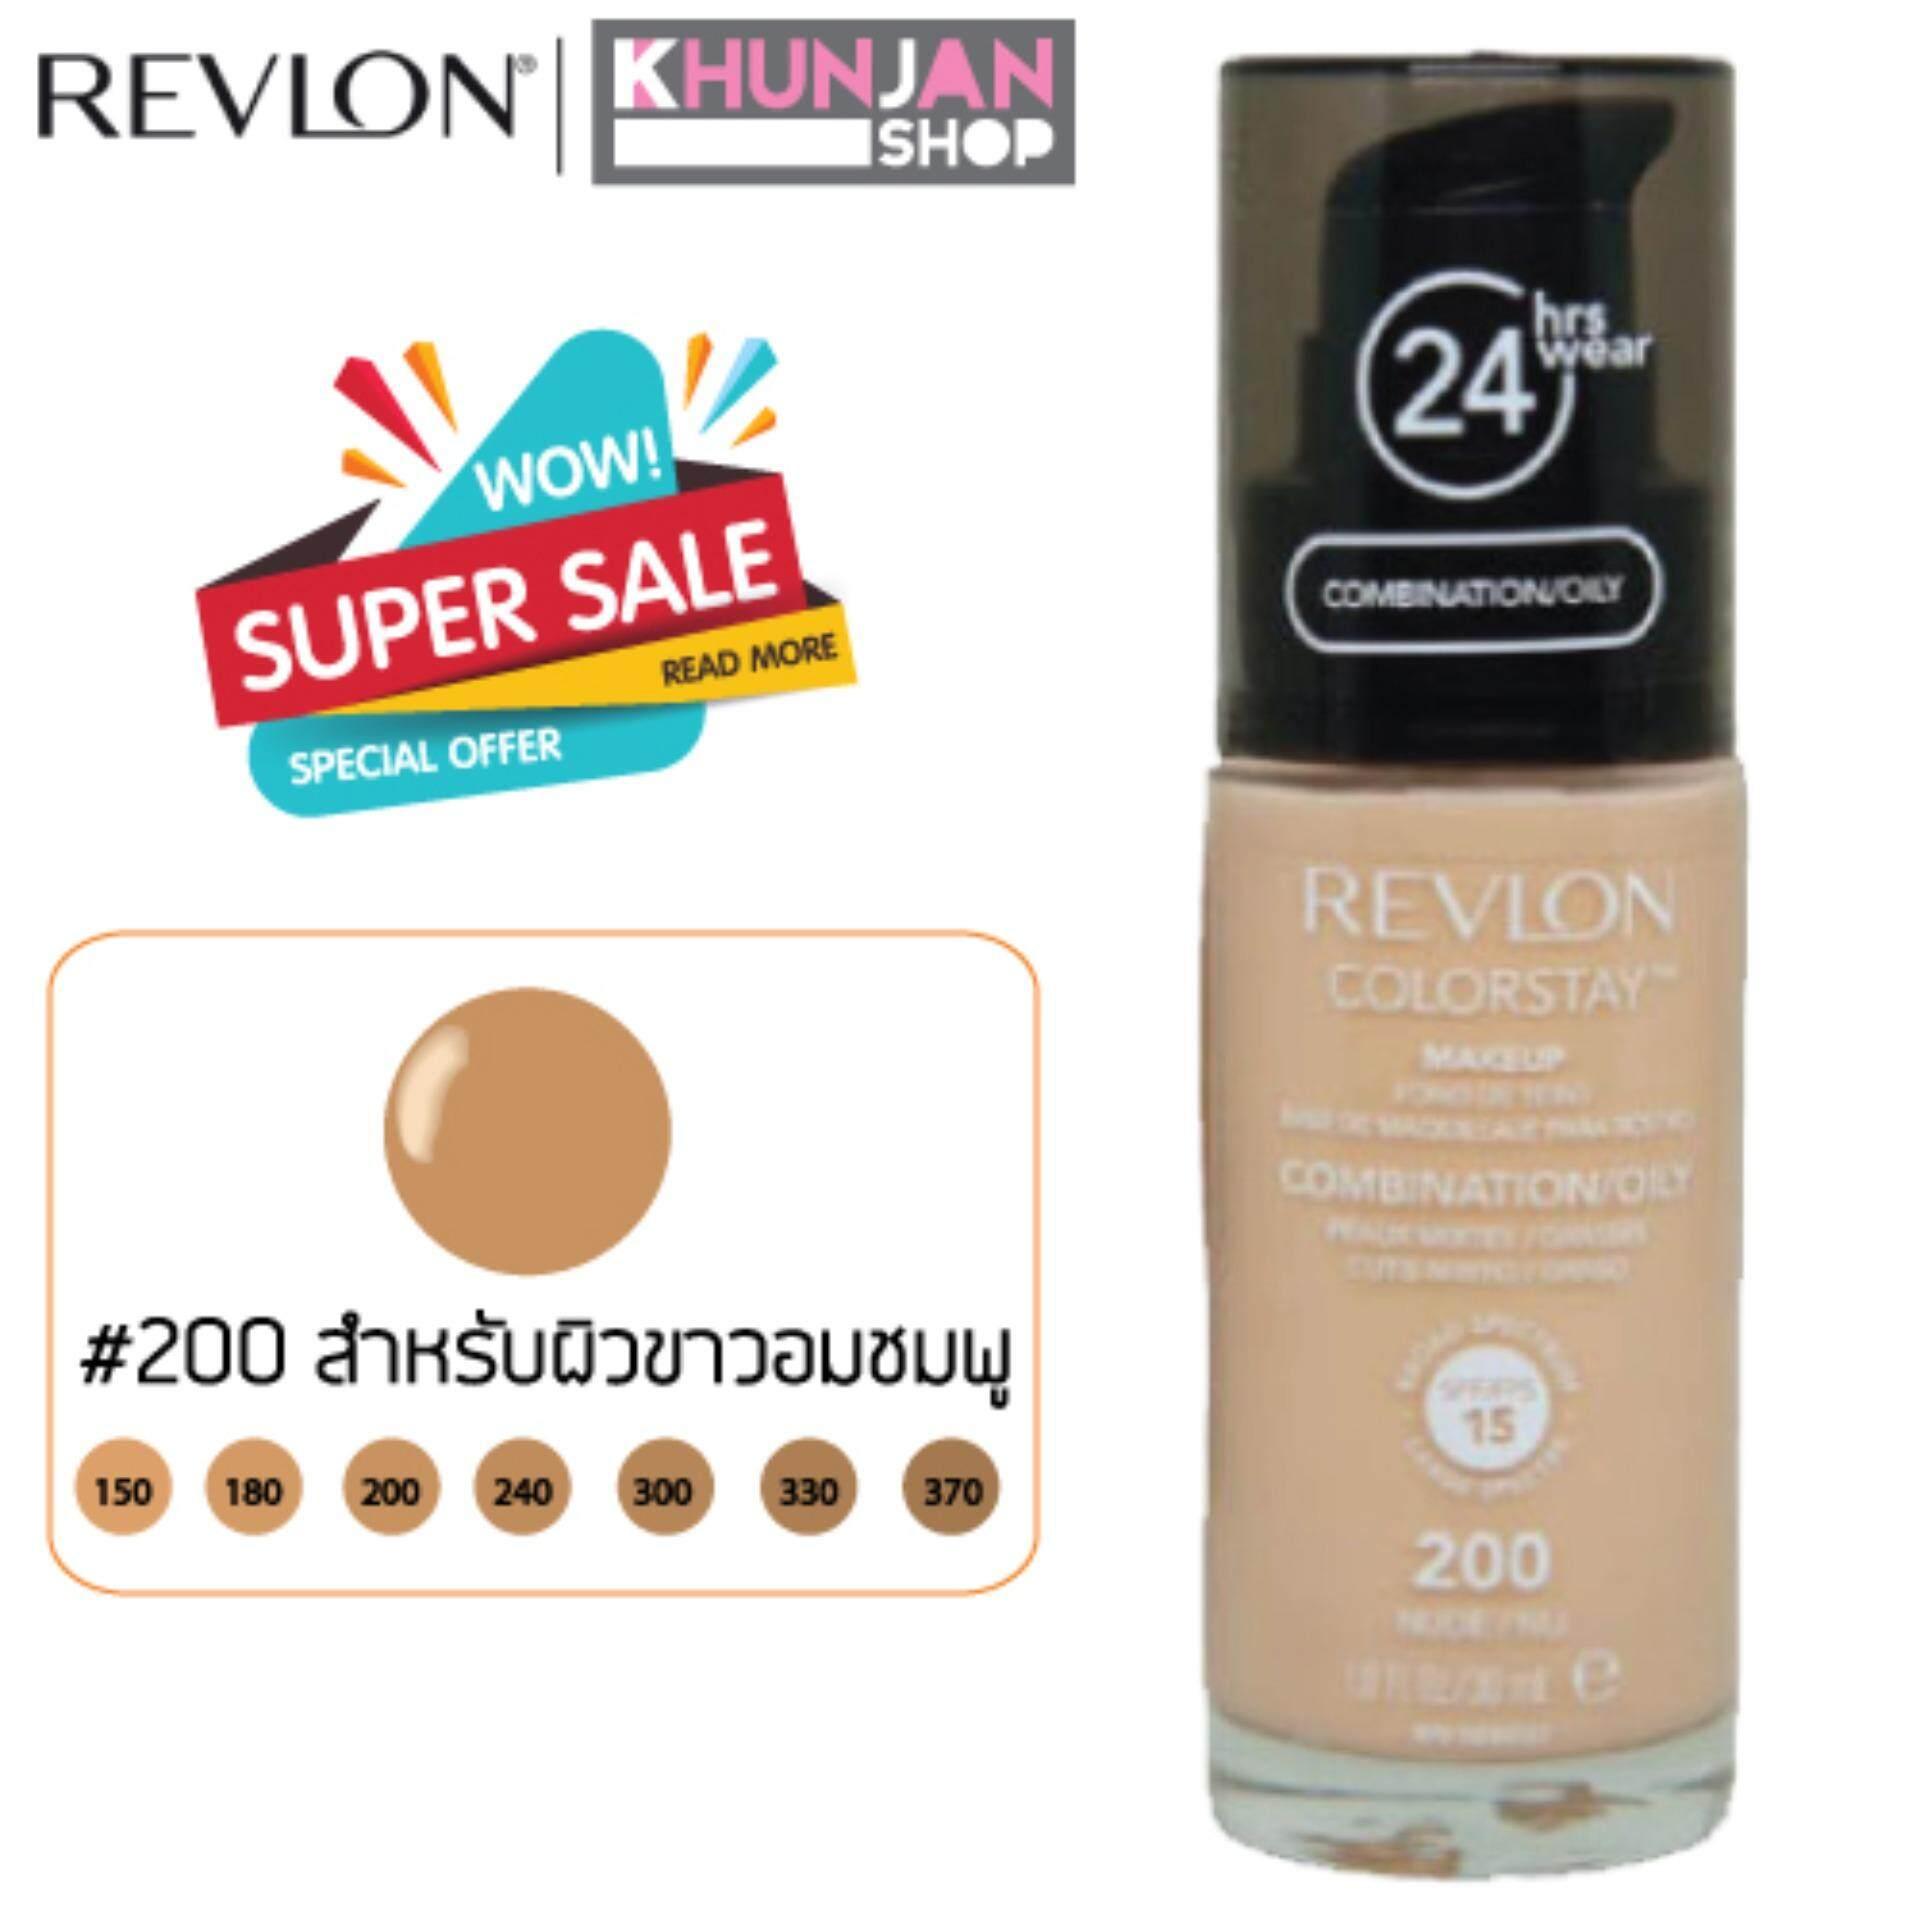 ราคา รองพื้นเรฟลอน Revlon Colorstay Foundation เบอร์ 200 N*d* ผลิตปี 2560 Revlon